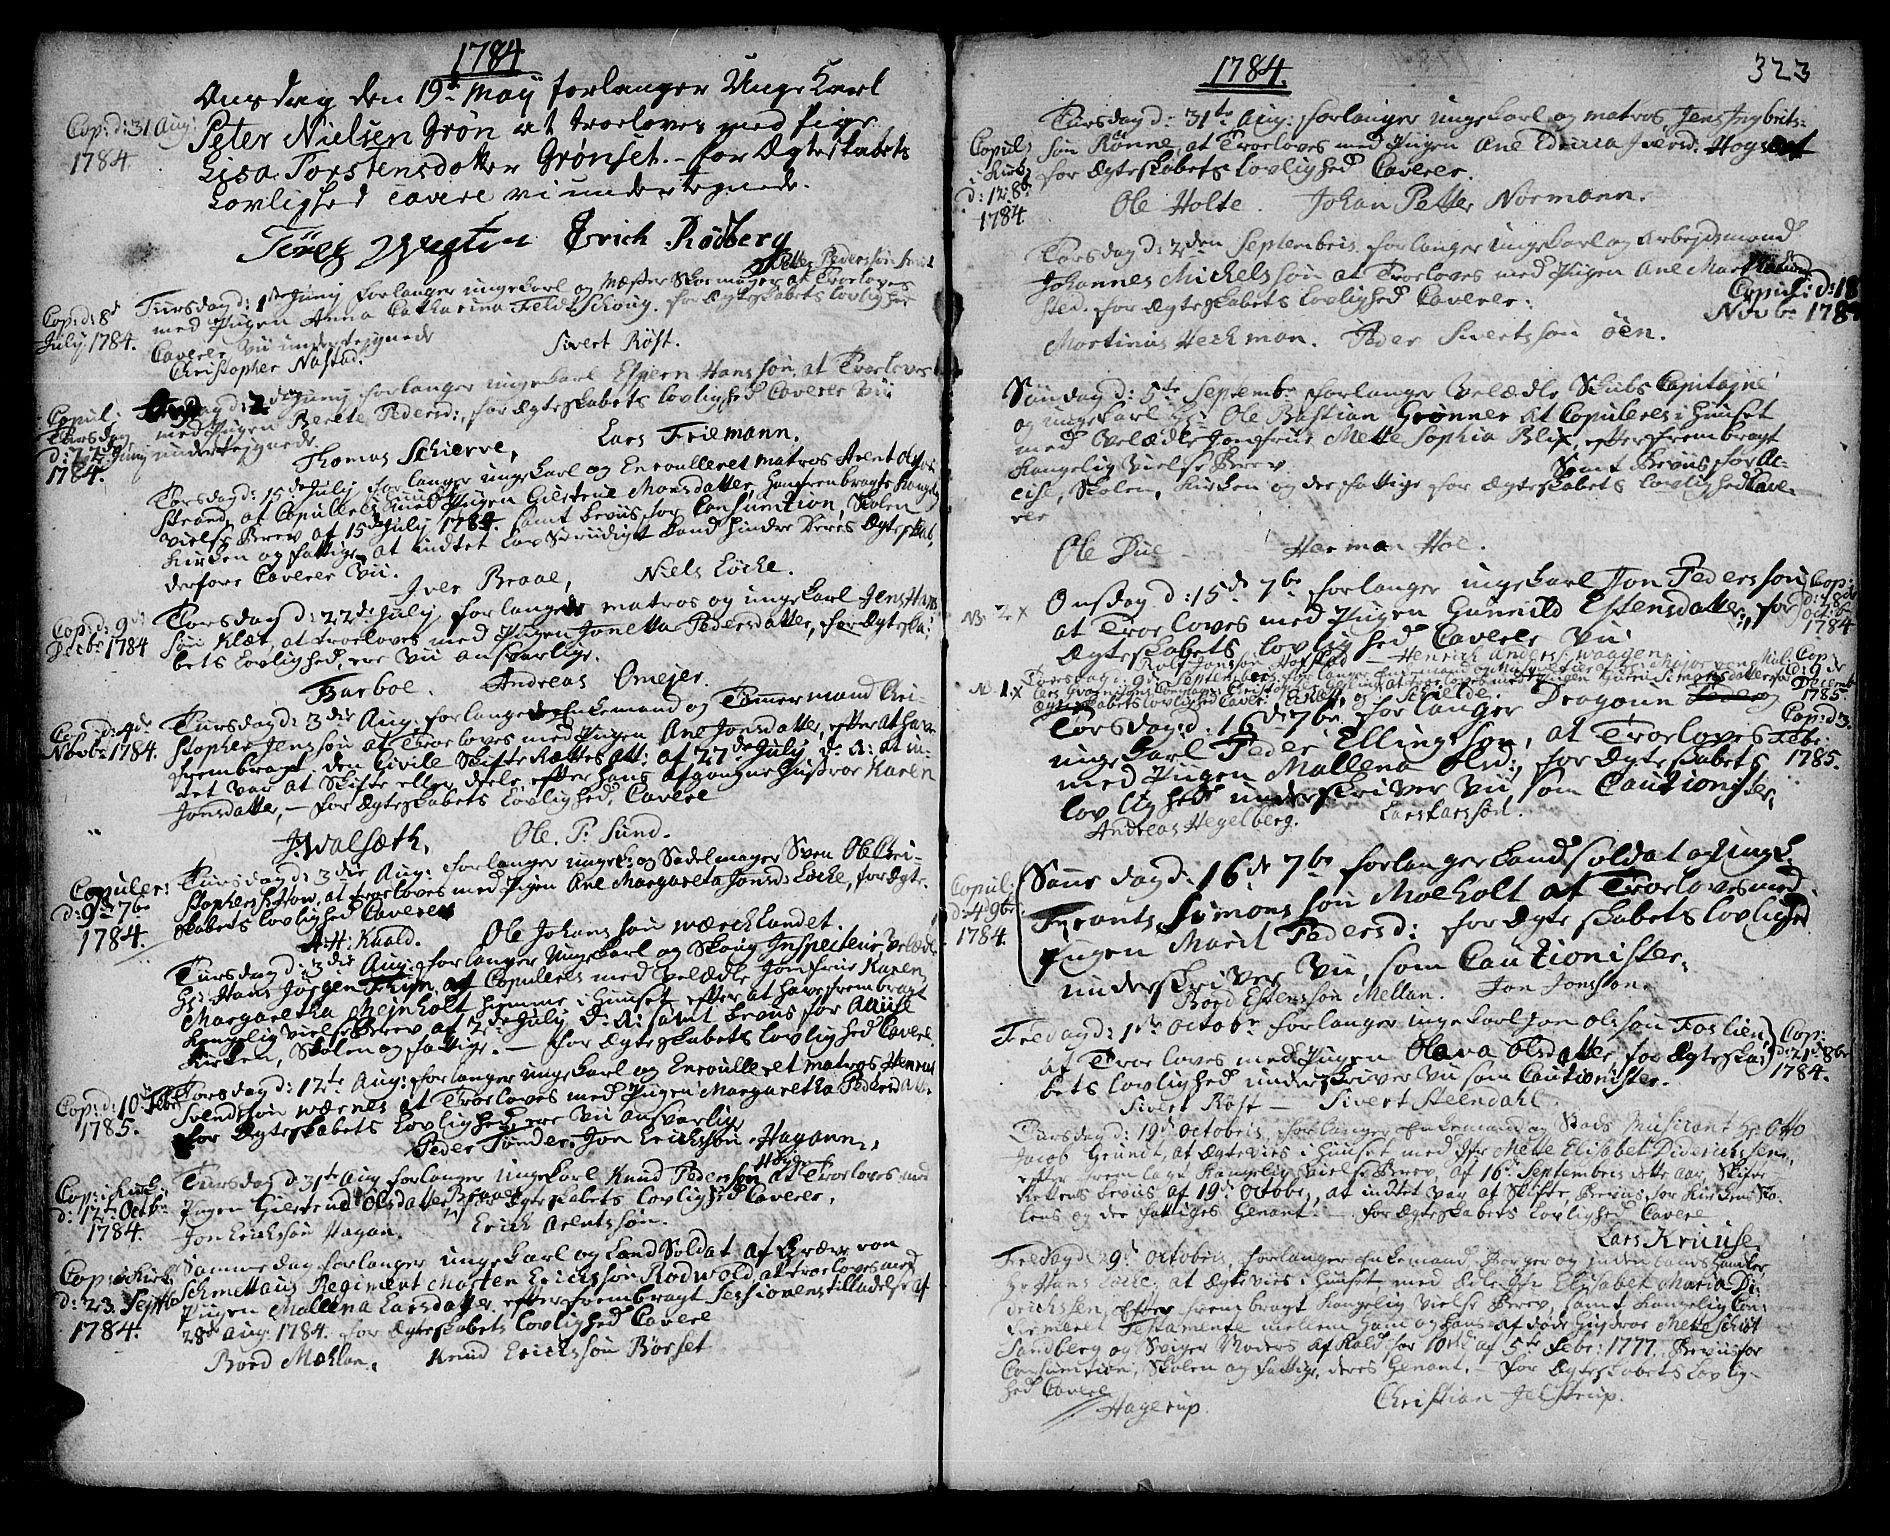 SAT, Ministerialprotokoller, klokkerbøker og fødselsregistre - Sør-Trøndelag, 601/L0038: Ministerialbok nr. 601A06, 1766-1877, s. 323